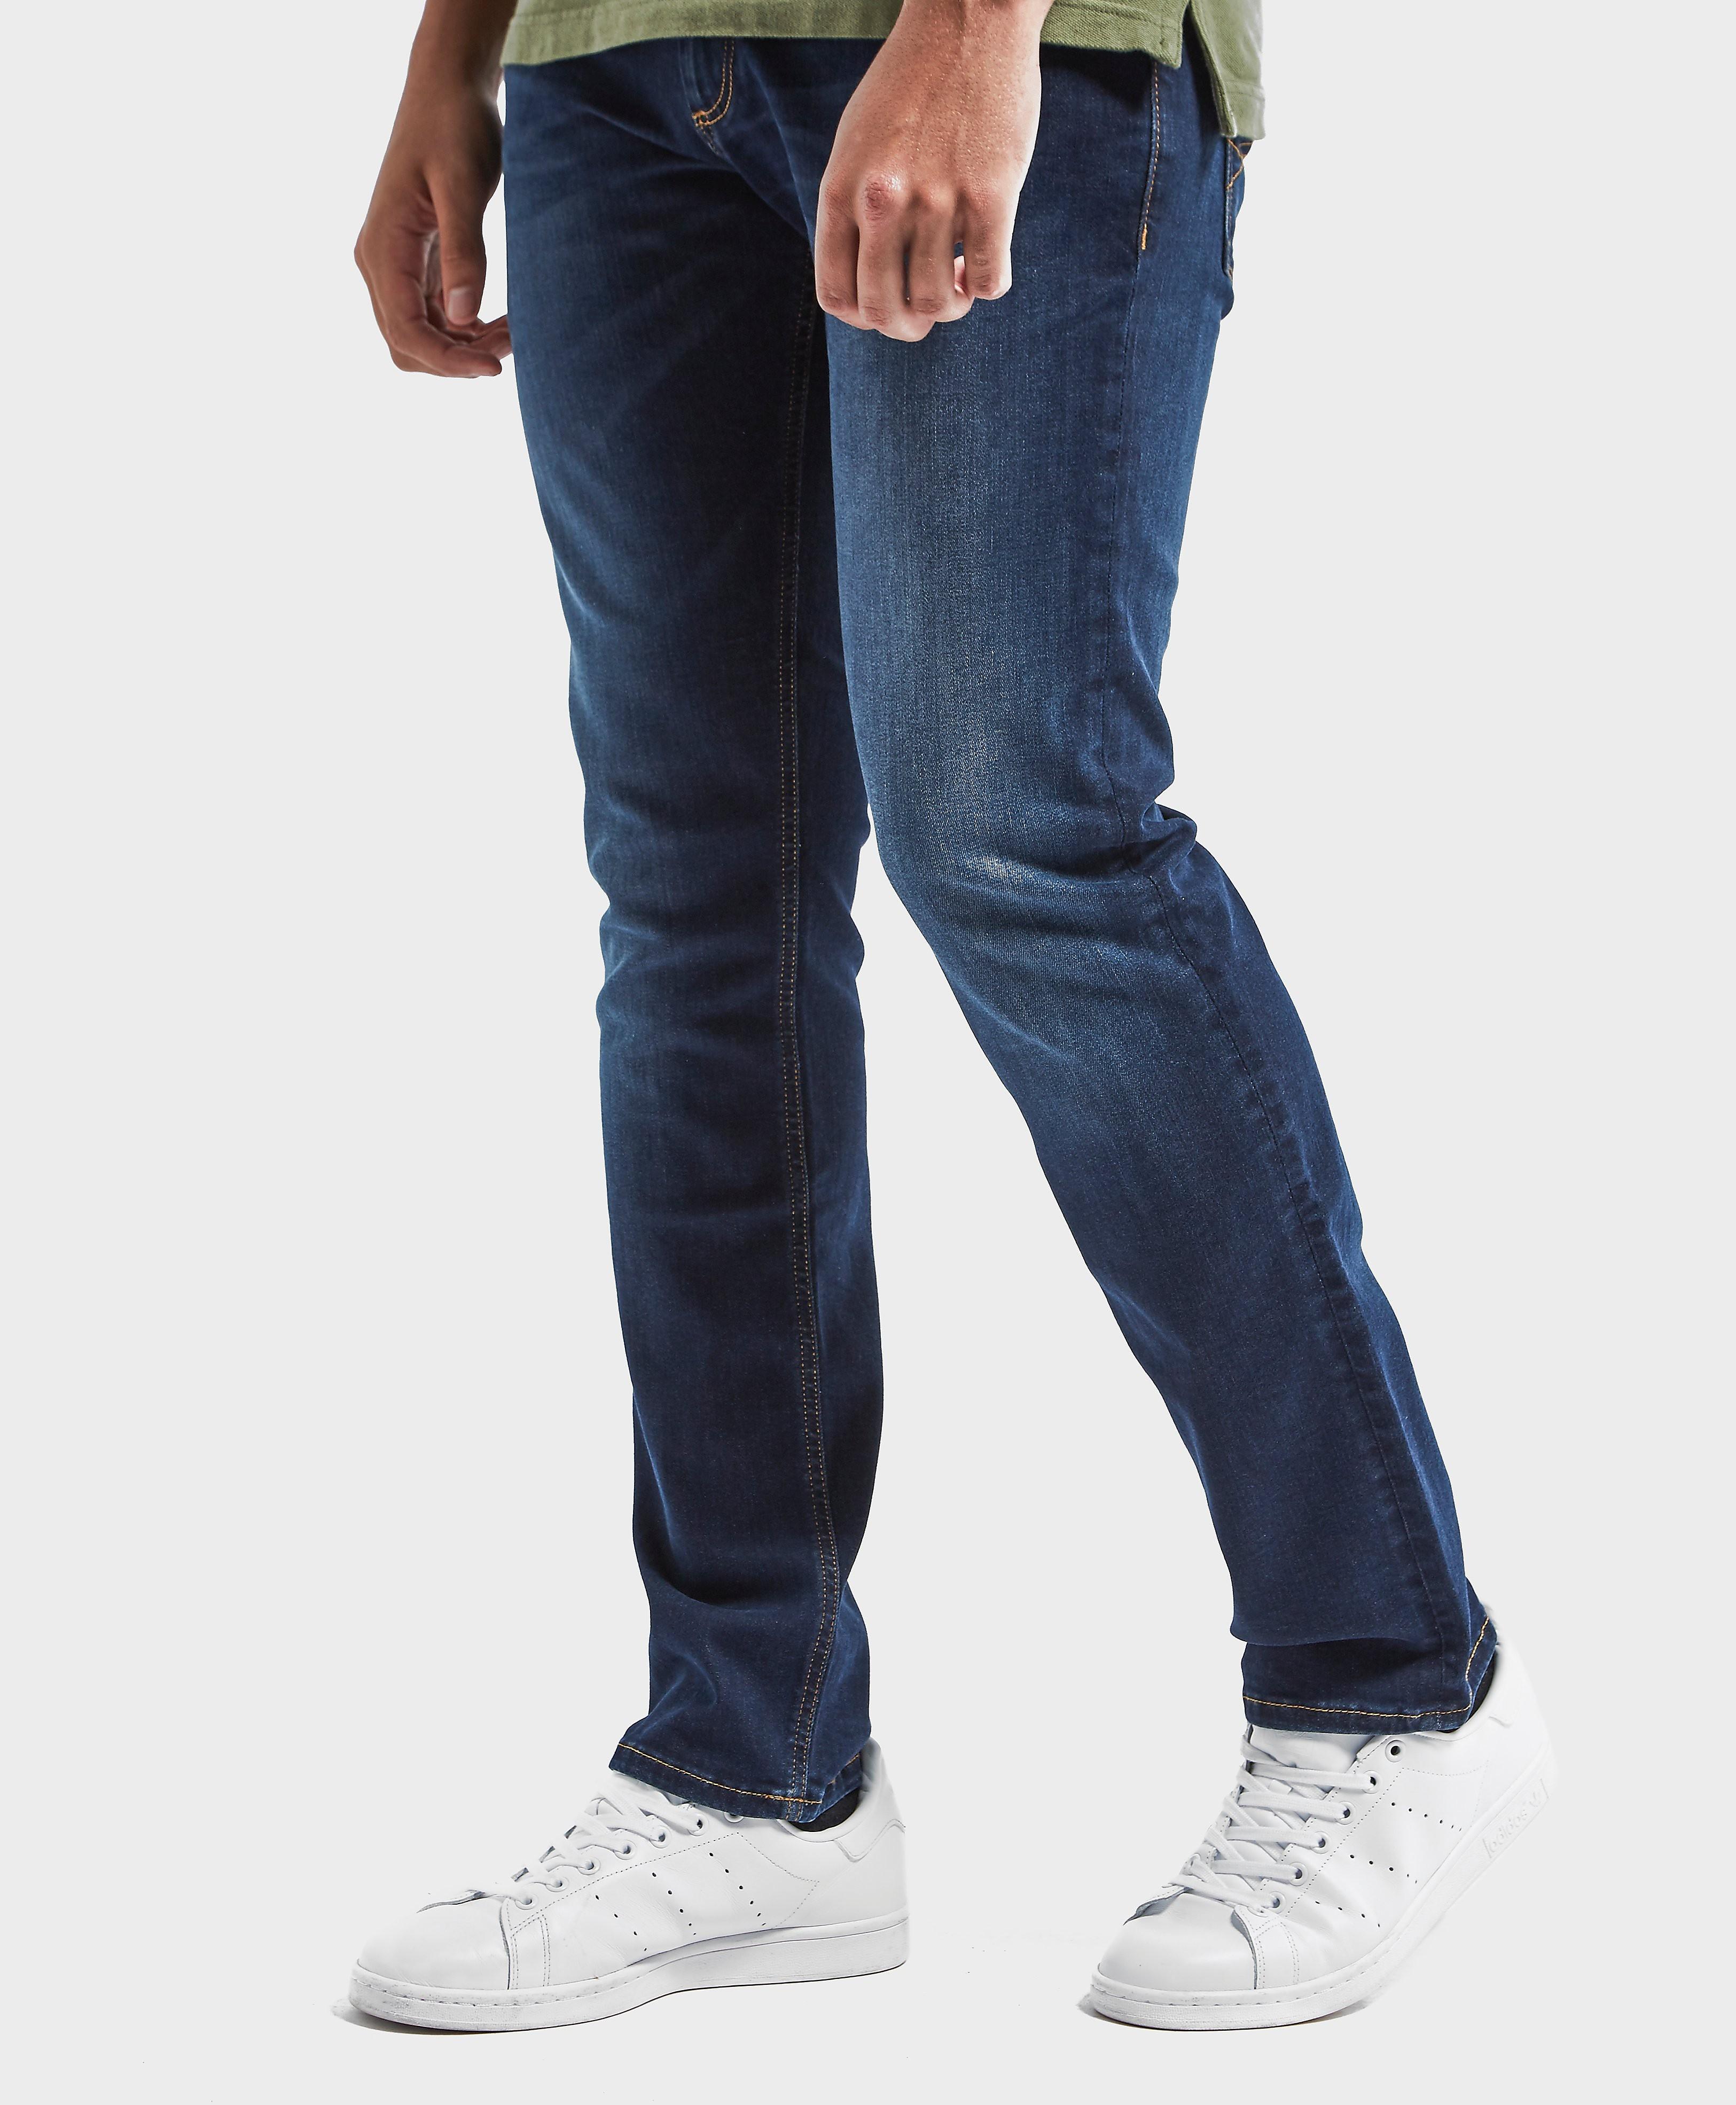 Tommy Hilfiger Slim Fit Scanton Jeans